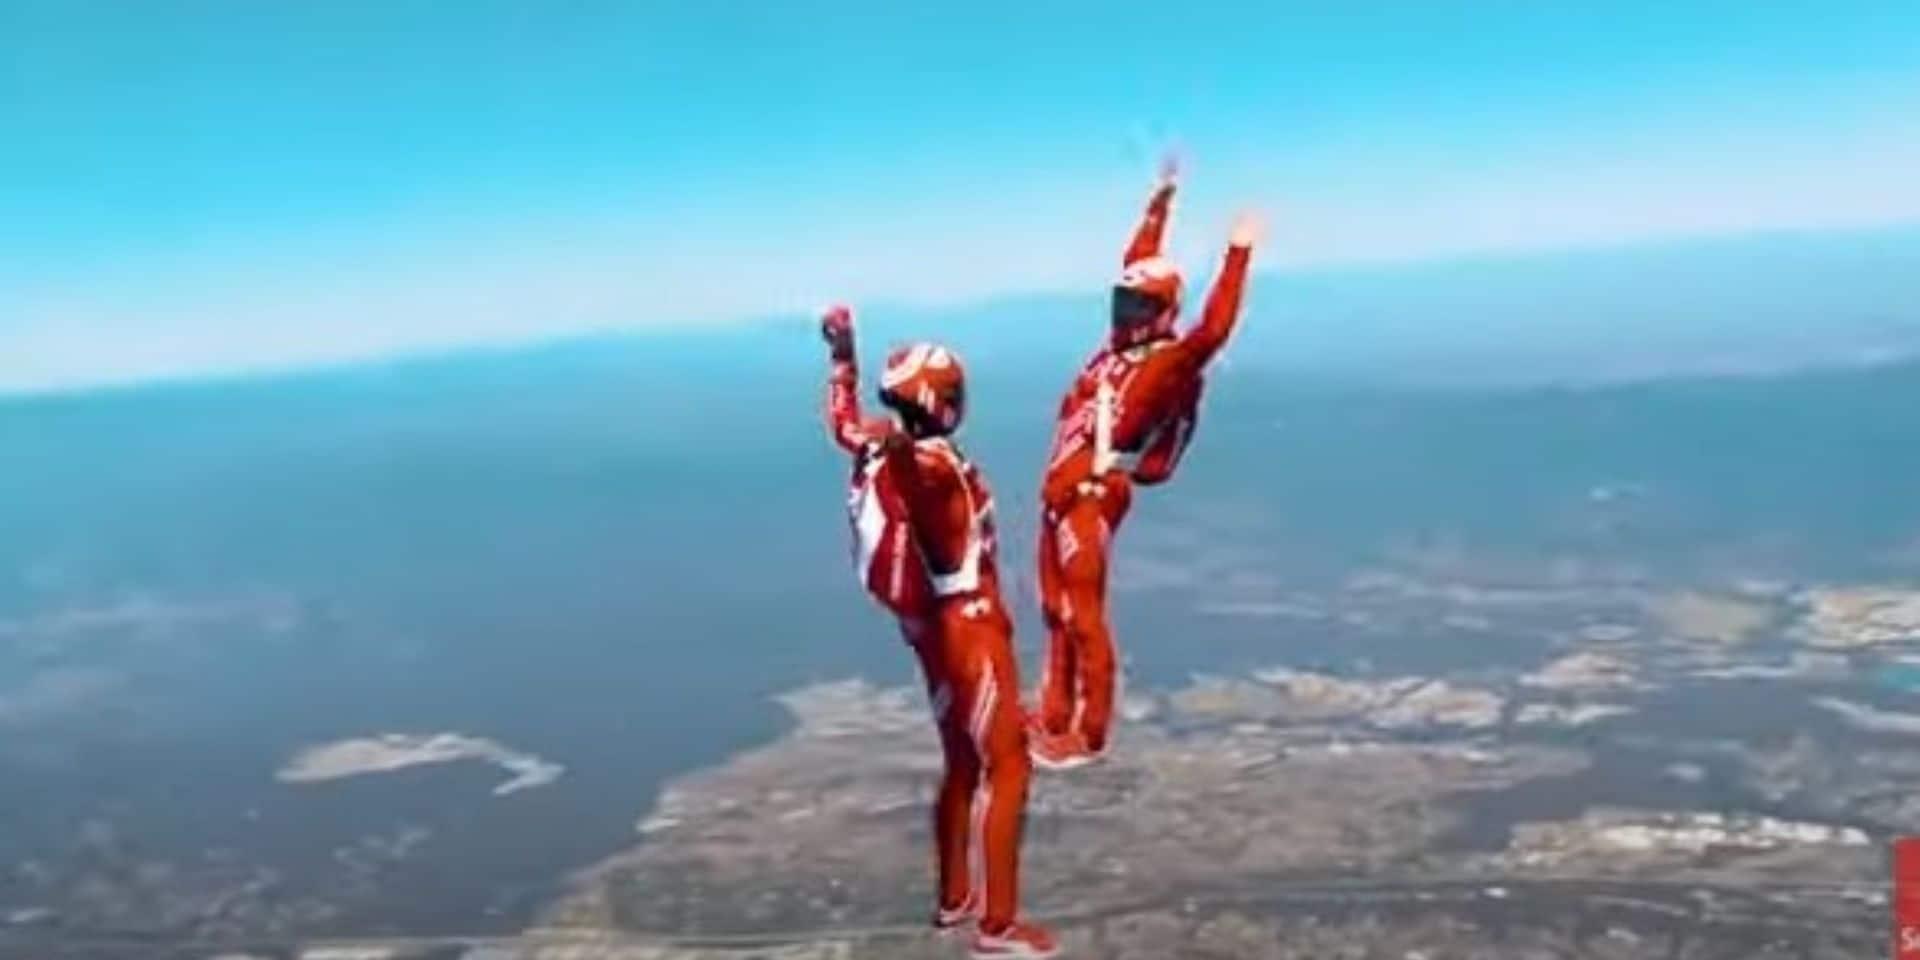 Les champions du monde de parachutisme à Arlon ce samedi !